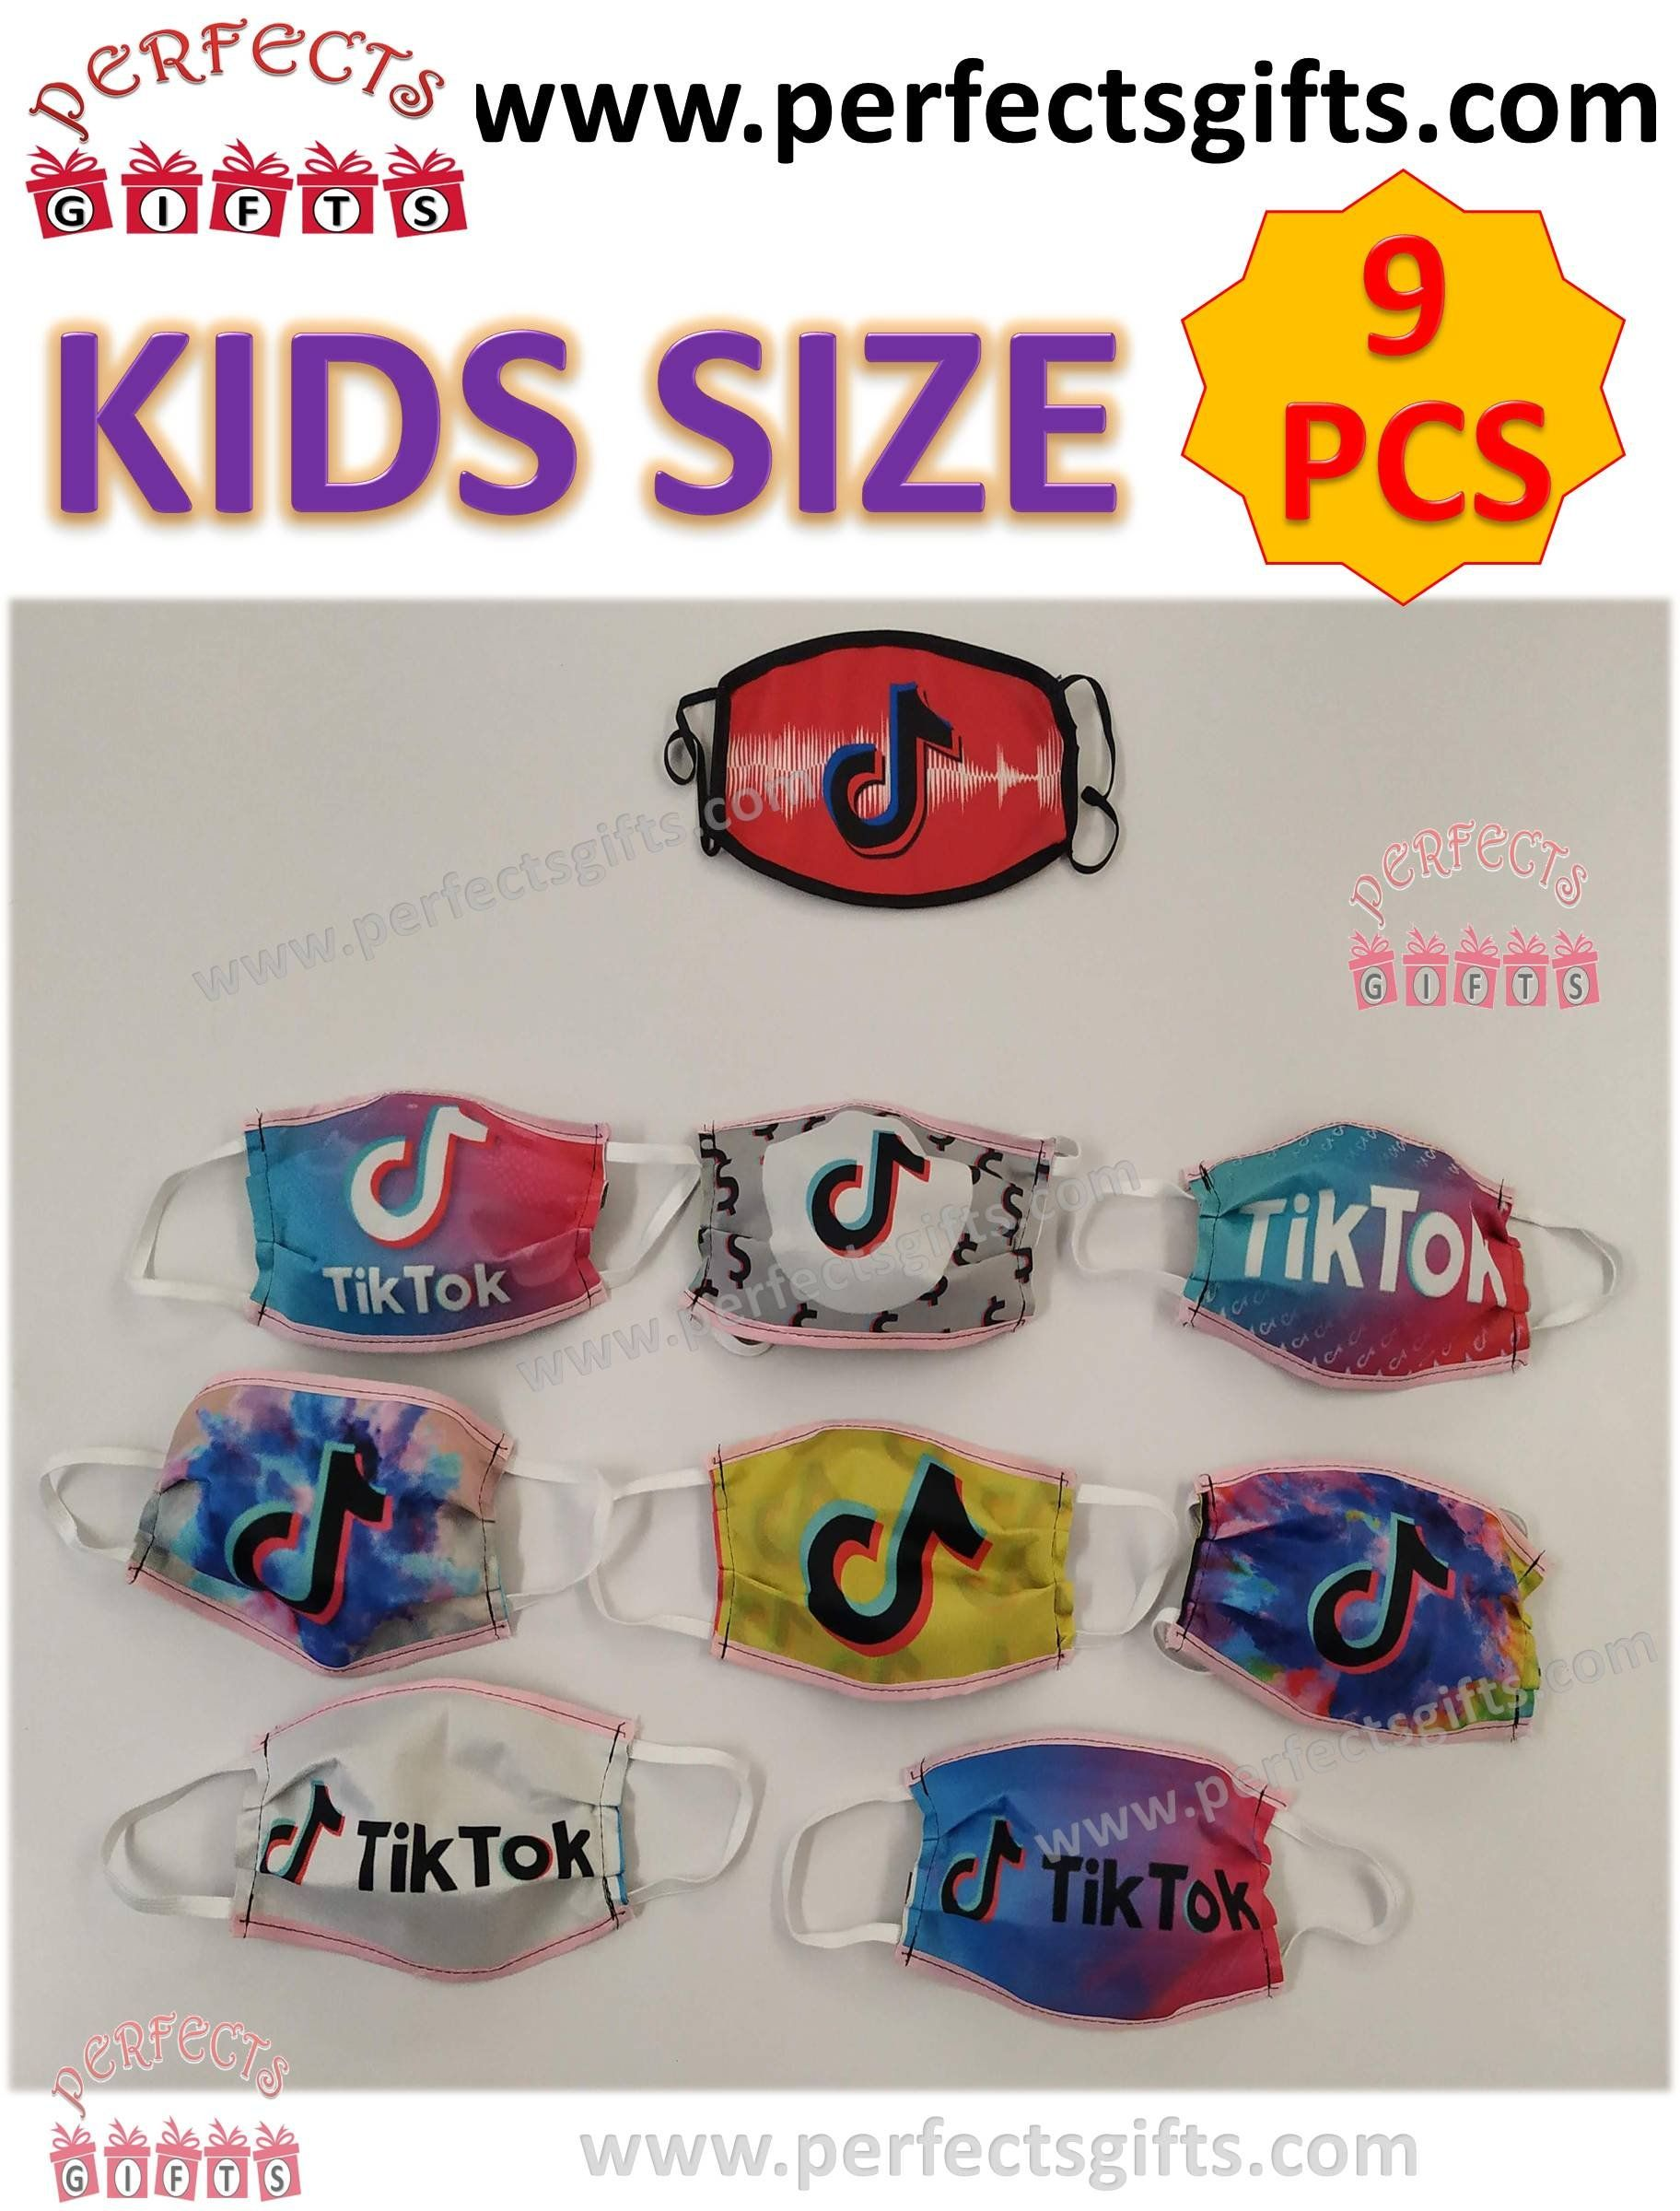 Tik Tok Tiktok Face Mask Handmade Tik Tok 9 Pieces Set Fabric Facemask Kids C Theperfectgift Kids C Handmade Tik Tok